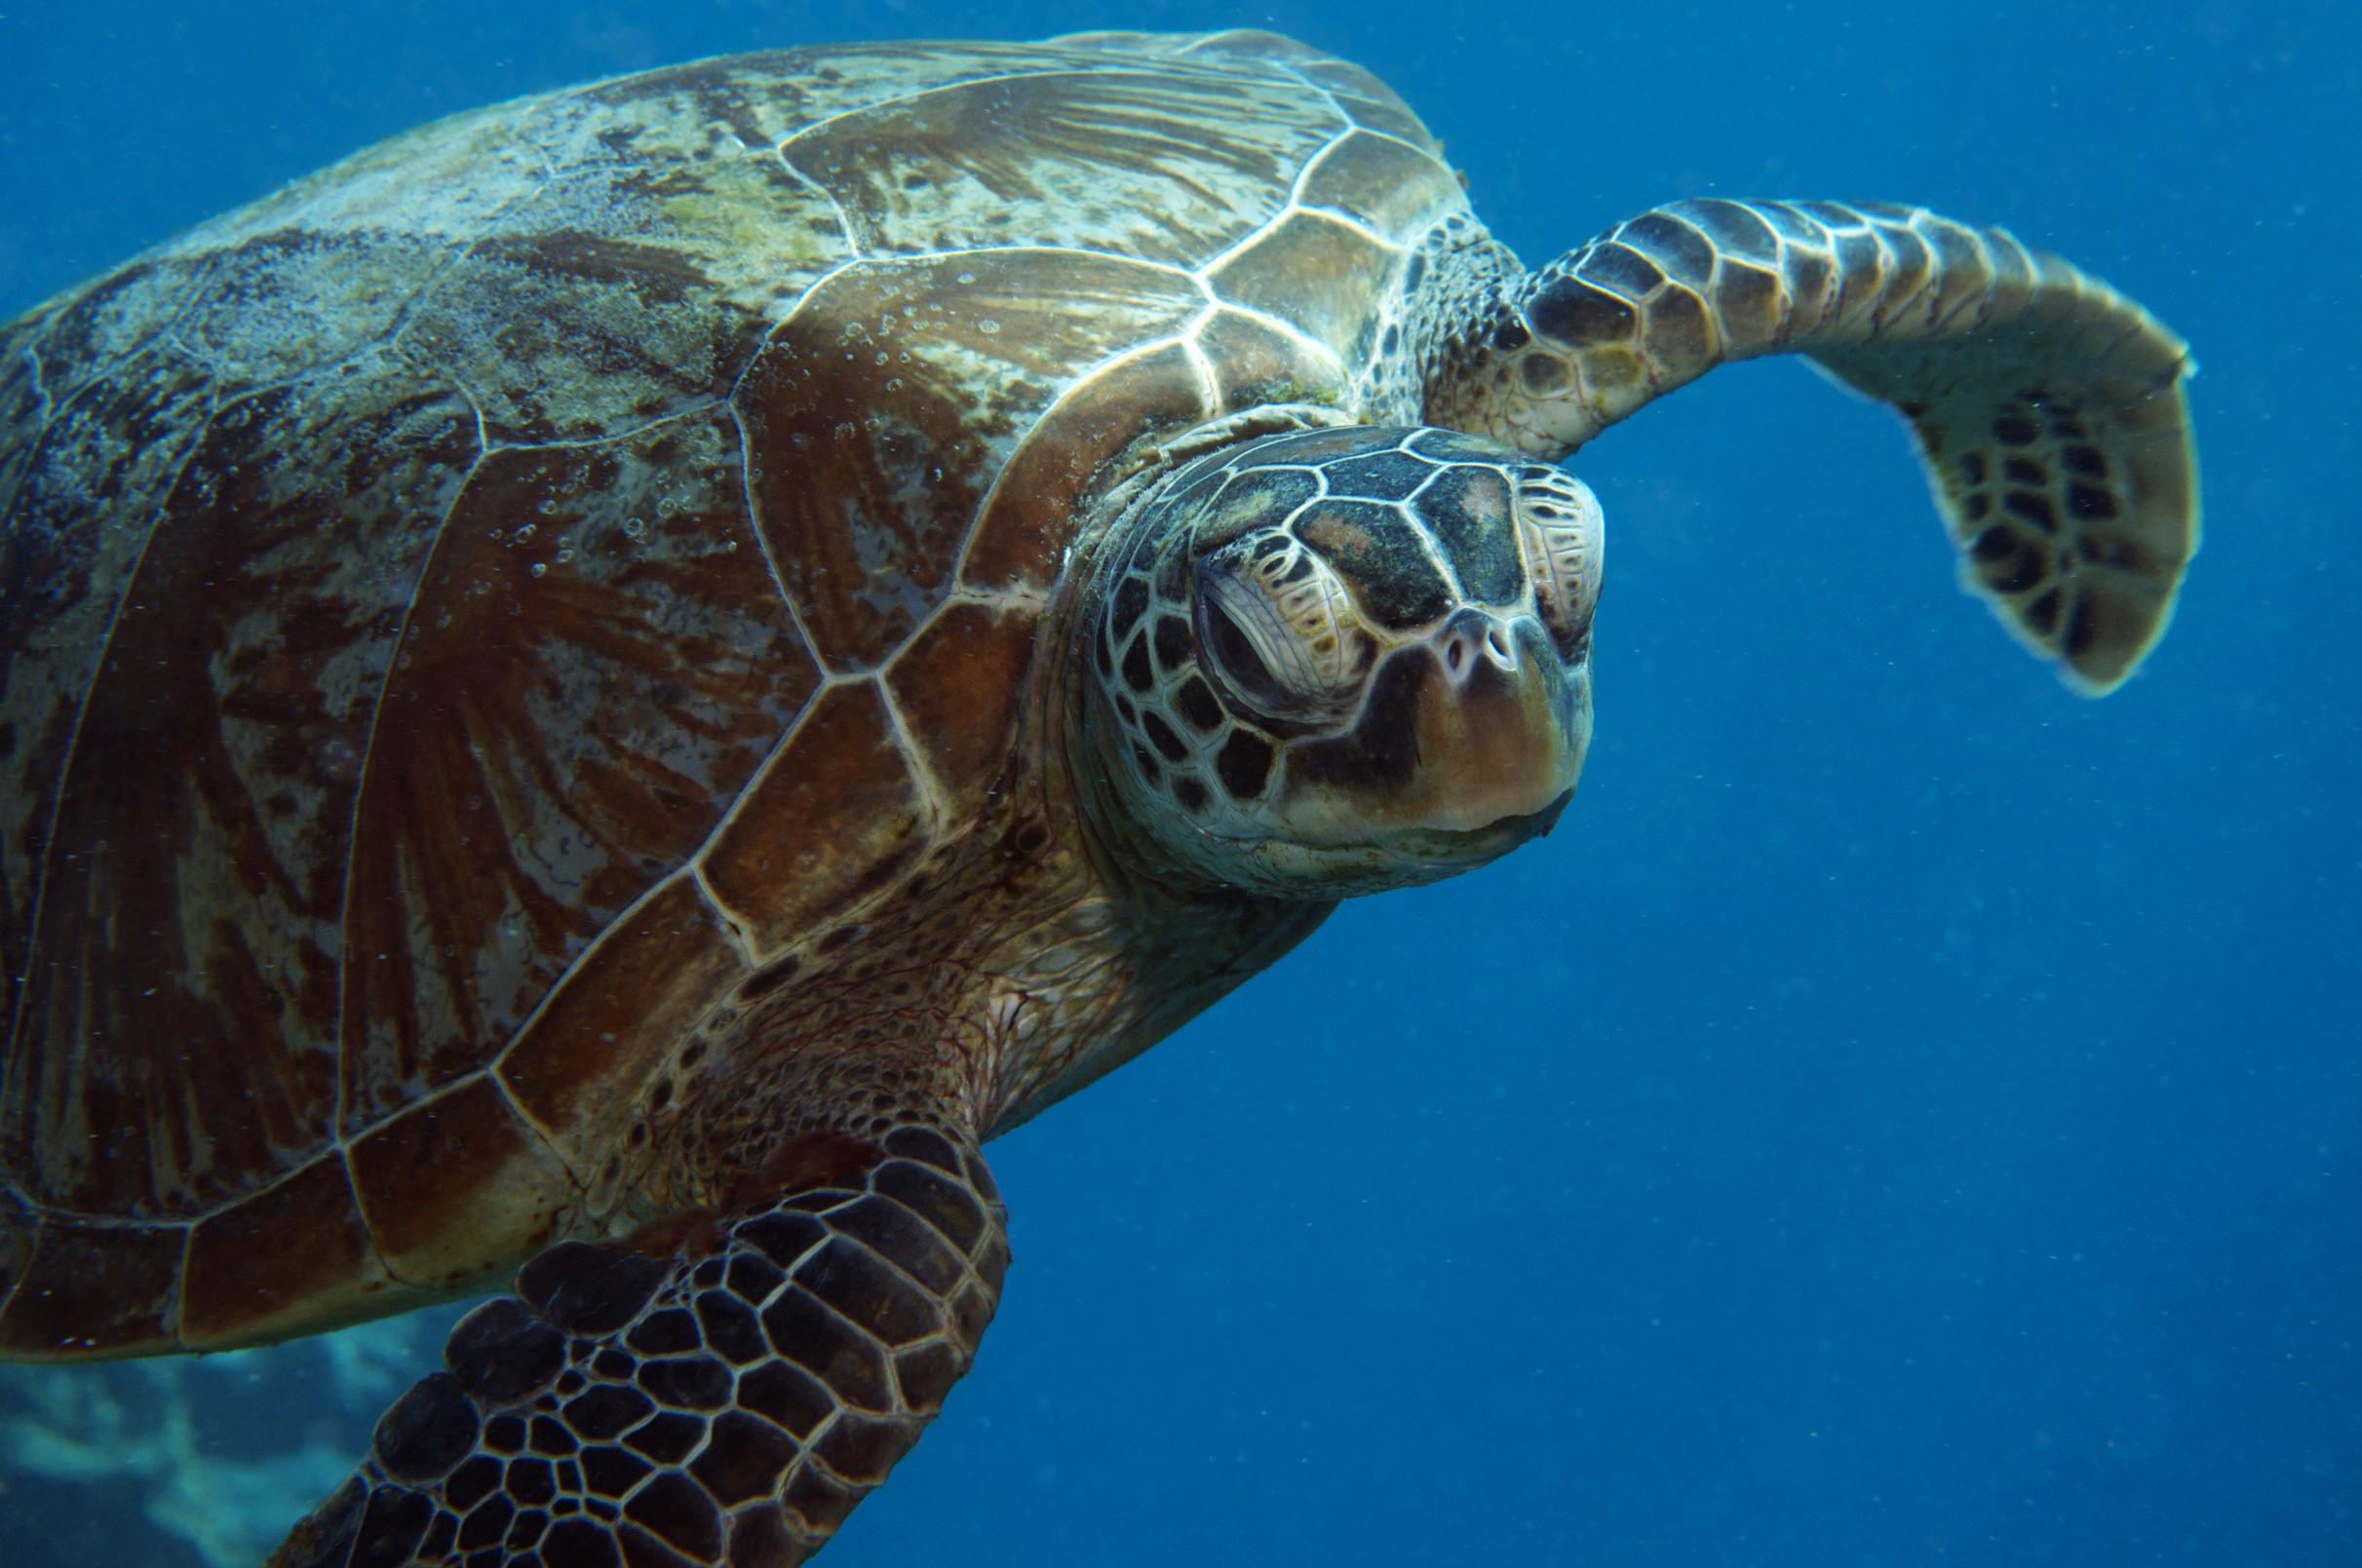 Wasserschildkröte Great Barrier Reef Queensland QLD Australien AU